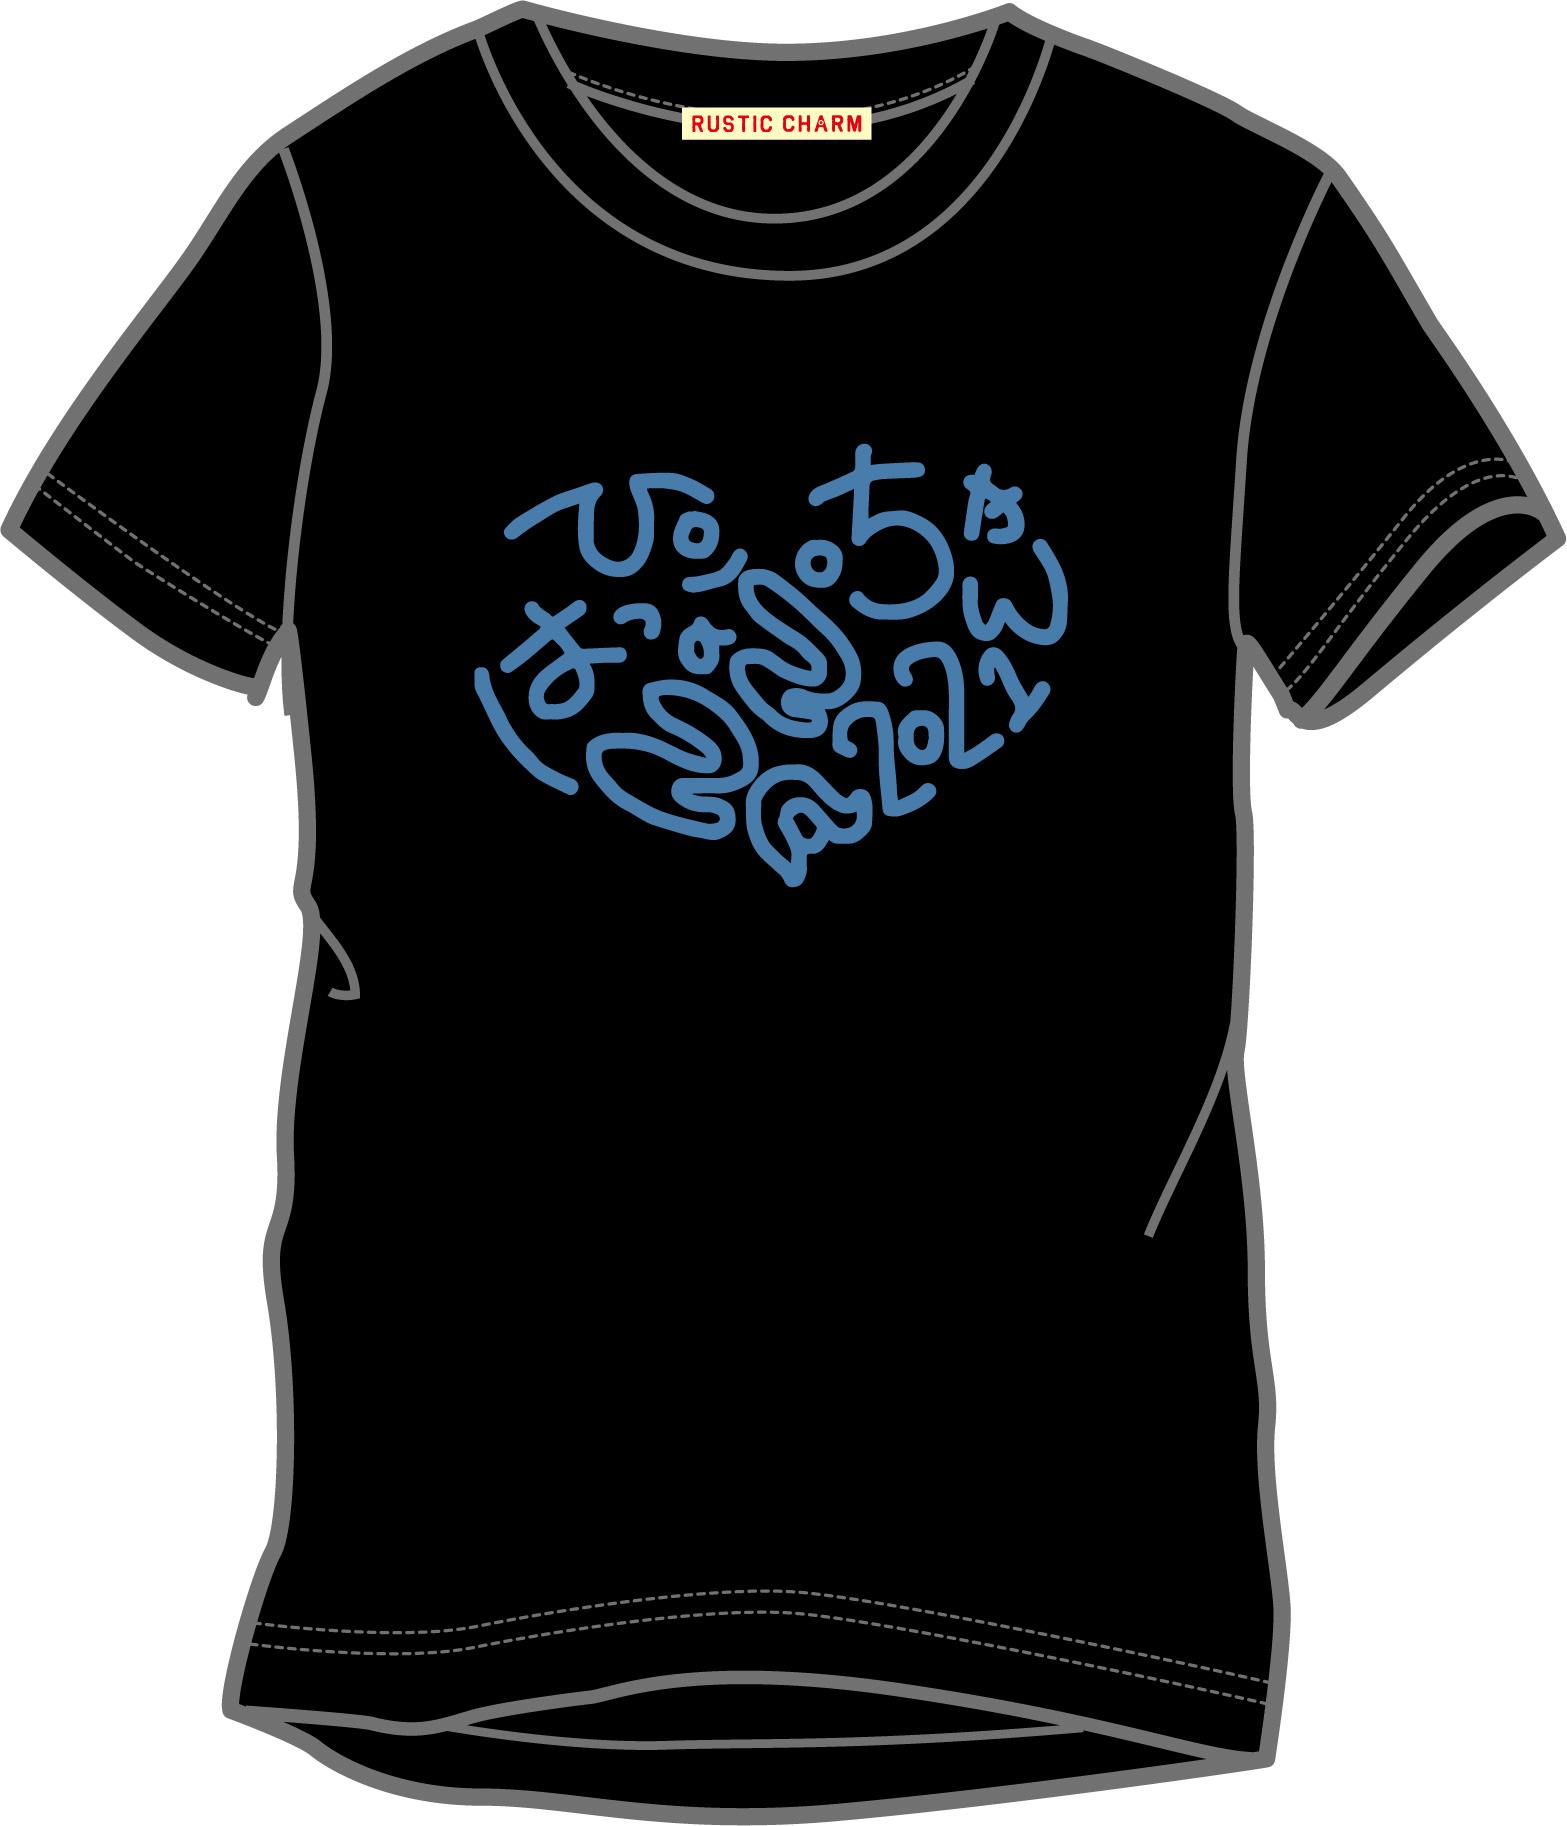 芹香ナノ生誕Tシャツ